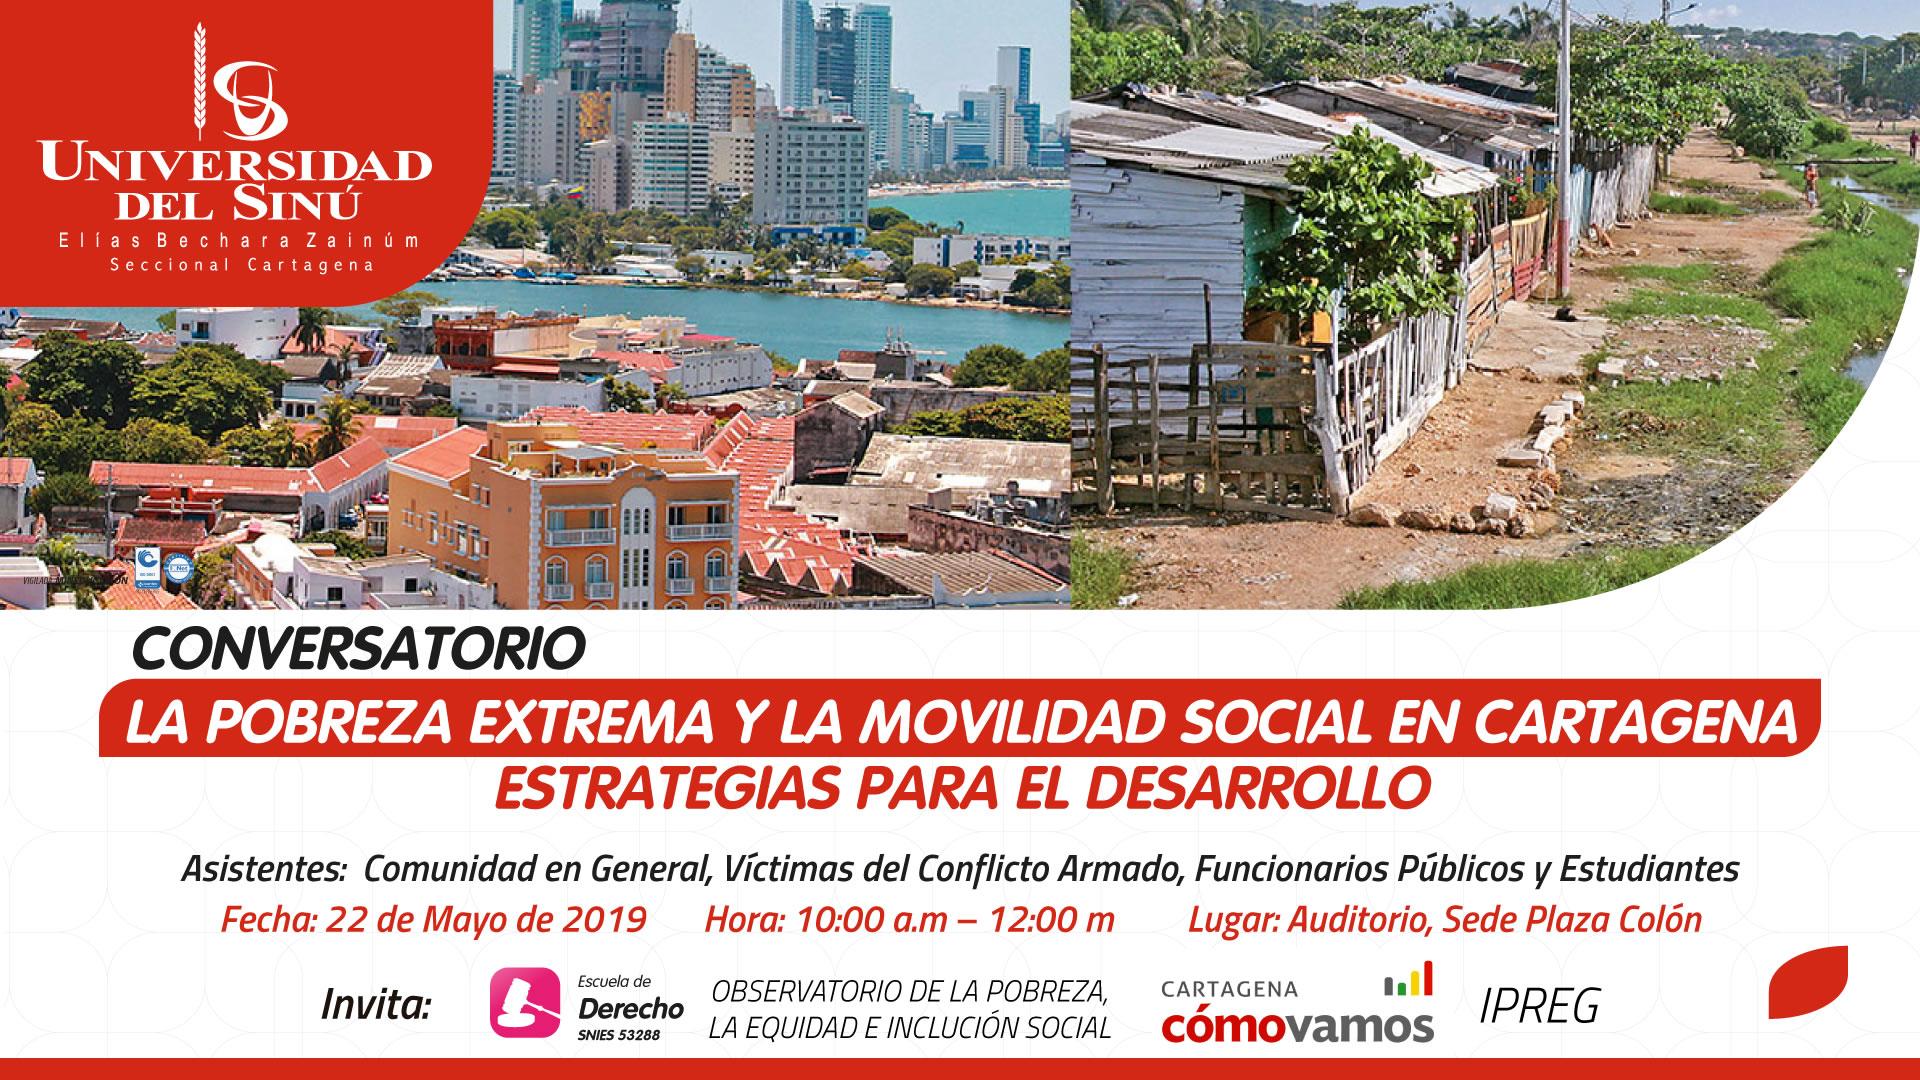 conversatorio-pobreza-extrema-y-movilidad